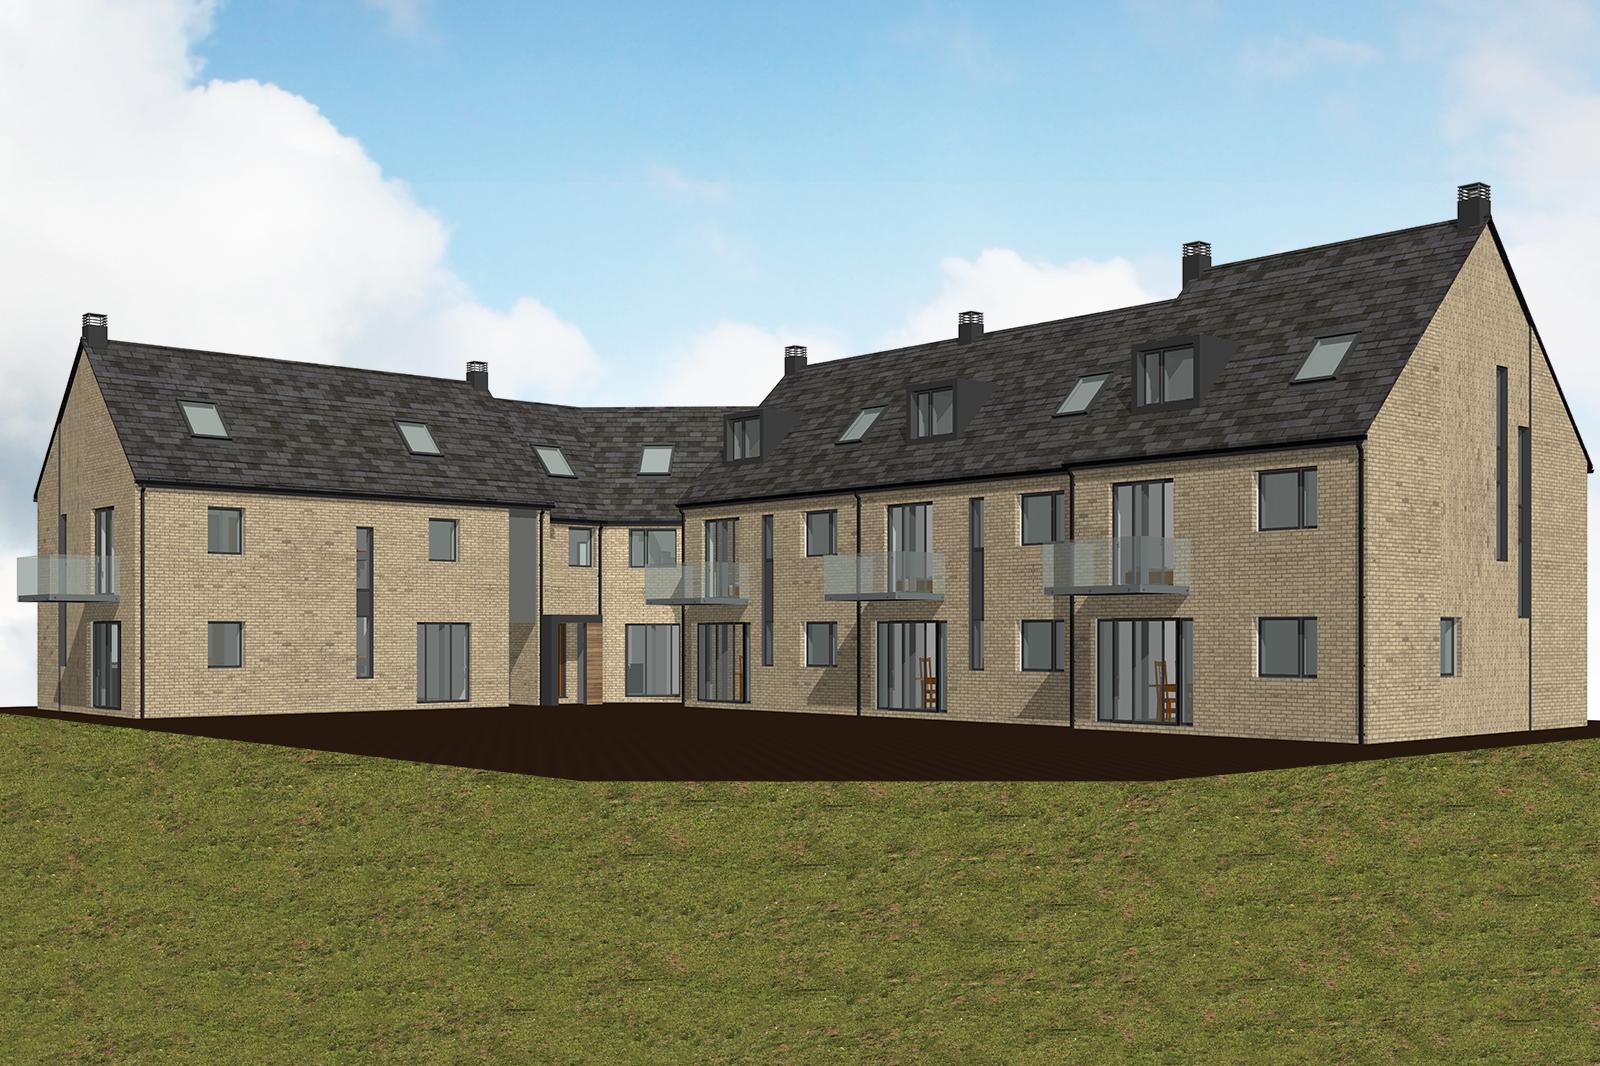 Residential Scheme, Papworth